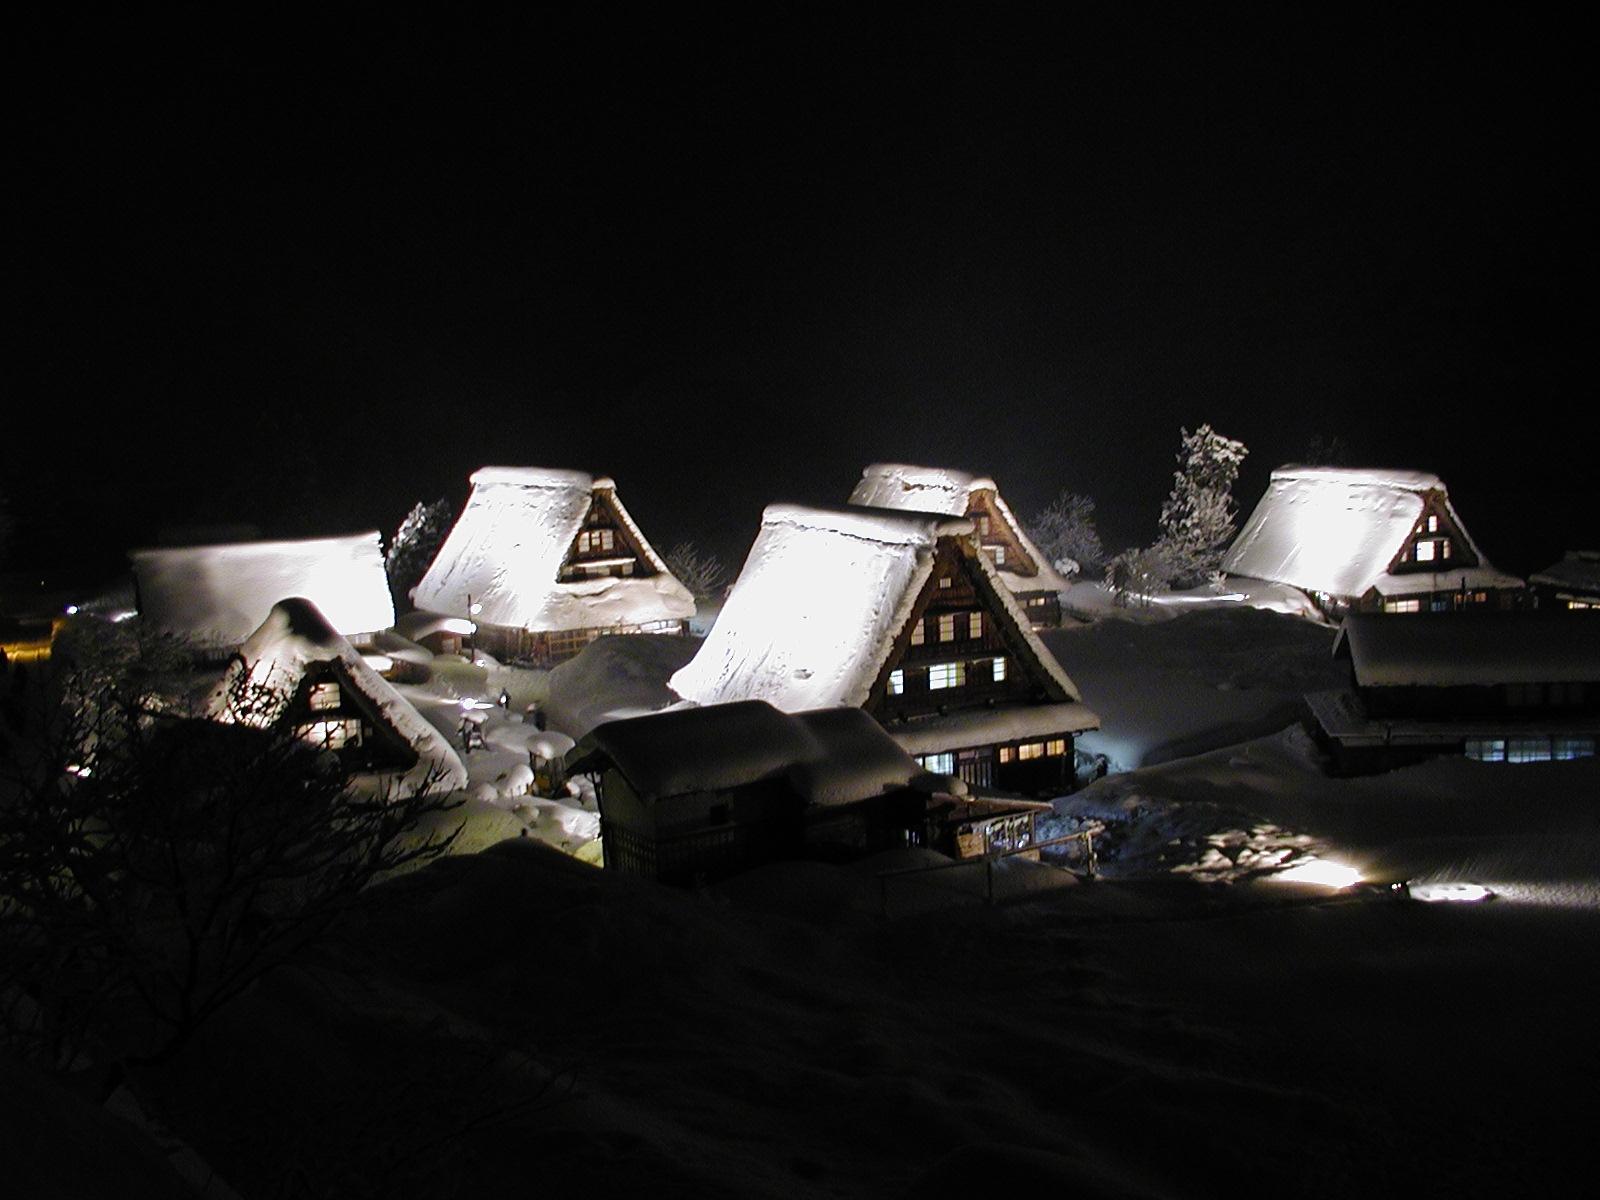 世界遺産五箇山 菅沼合掌造り集落冬のライトアップの画像